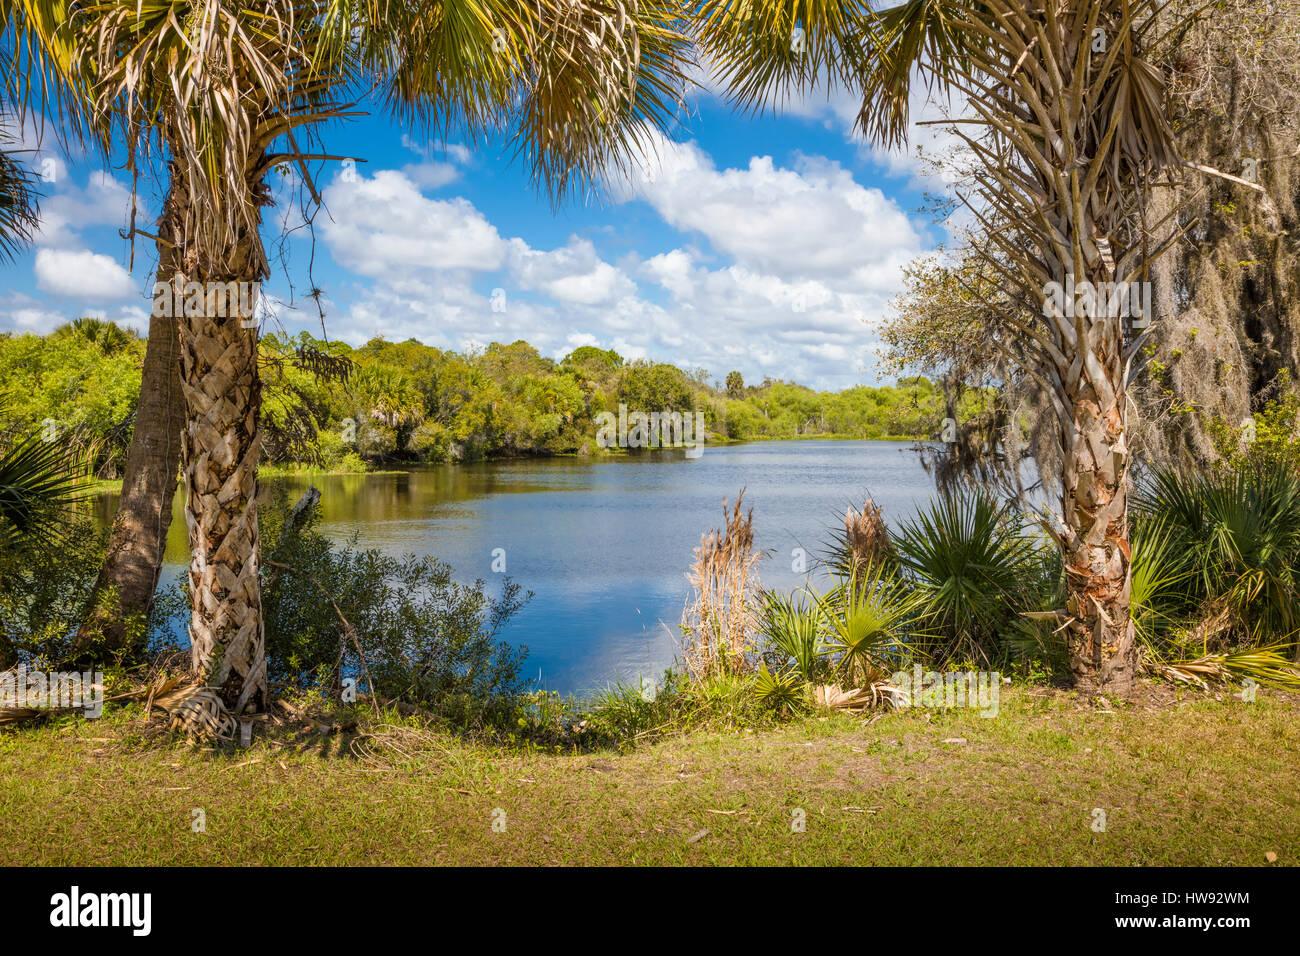 Deer Creek Prairie preservare in florida venezia Foto Stock